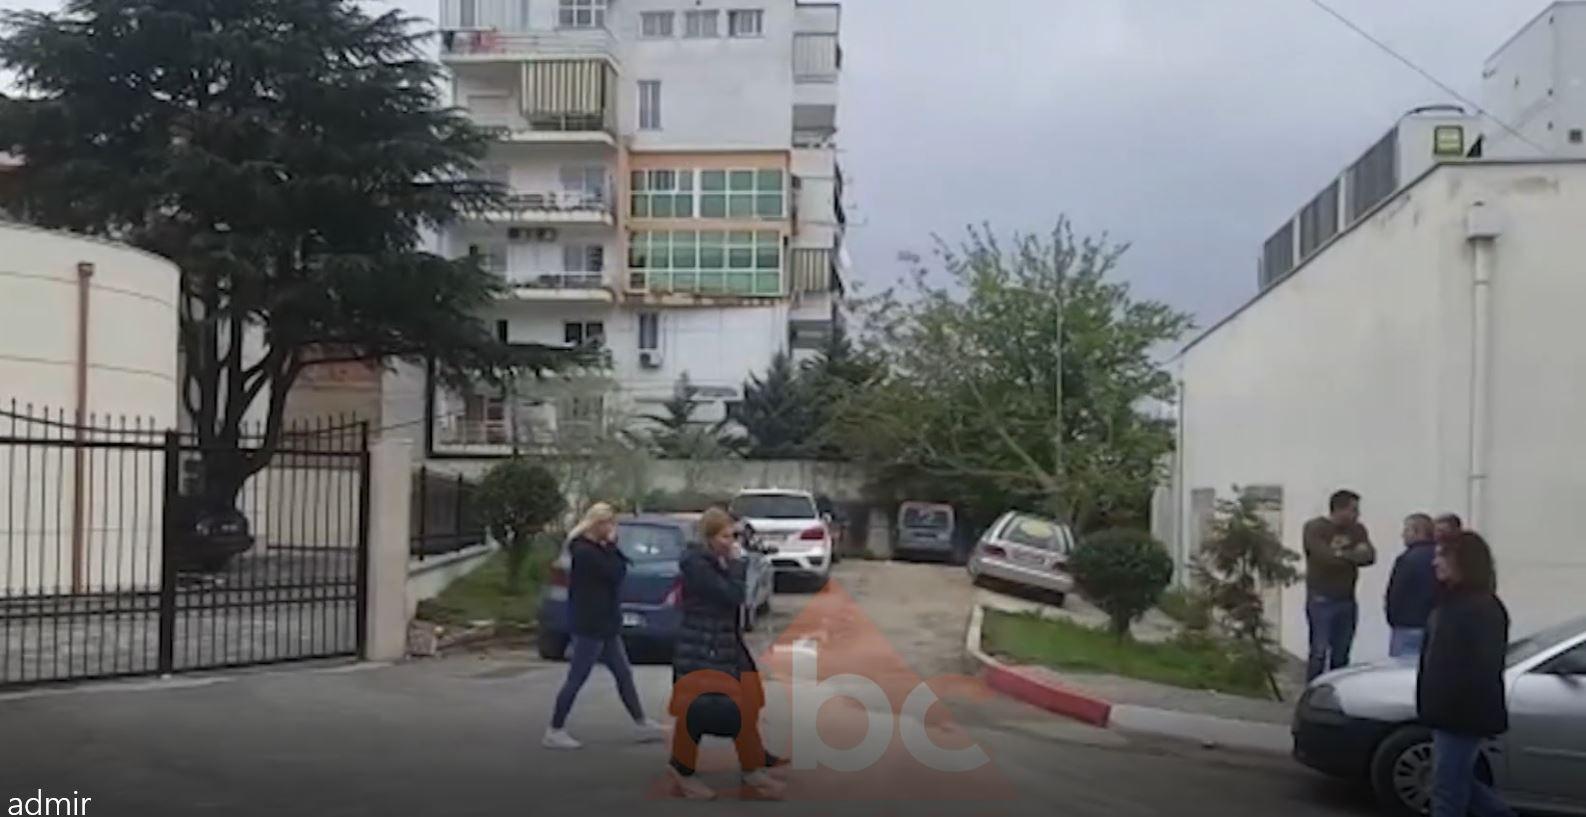 Del nga morgu, gruaja e Admir Muratajt shpërthen në lot